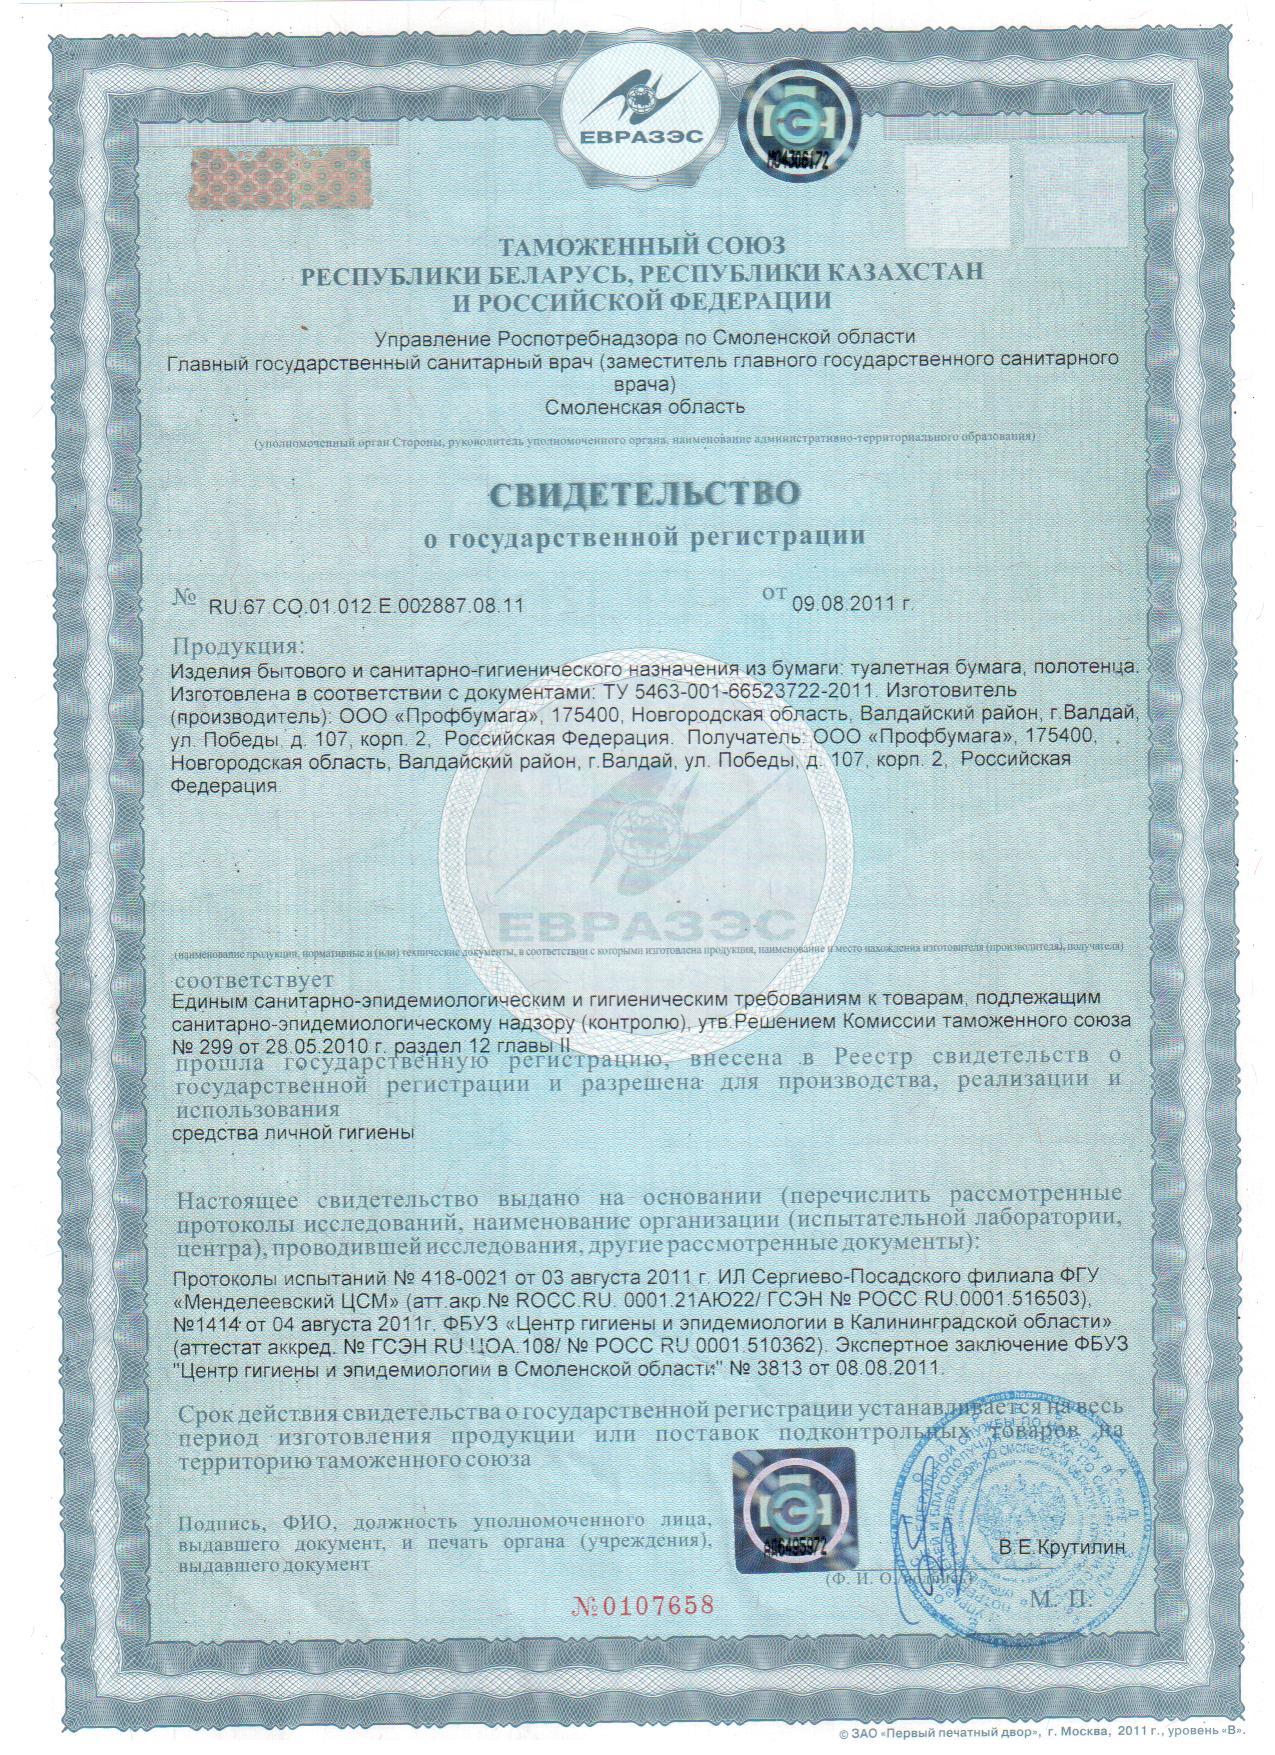 Свидетельство о гос.регистрации: изделия из бумаги